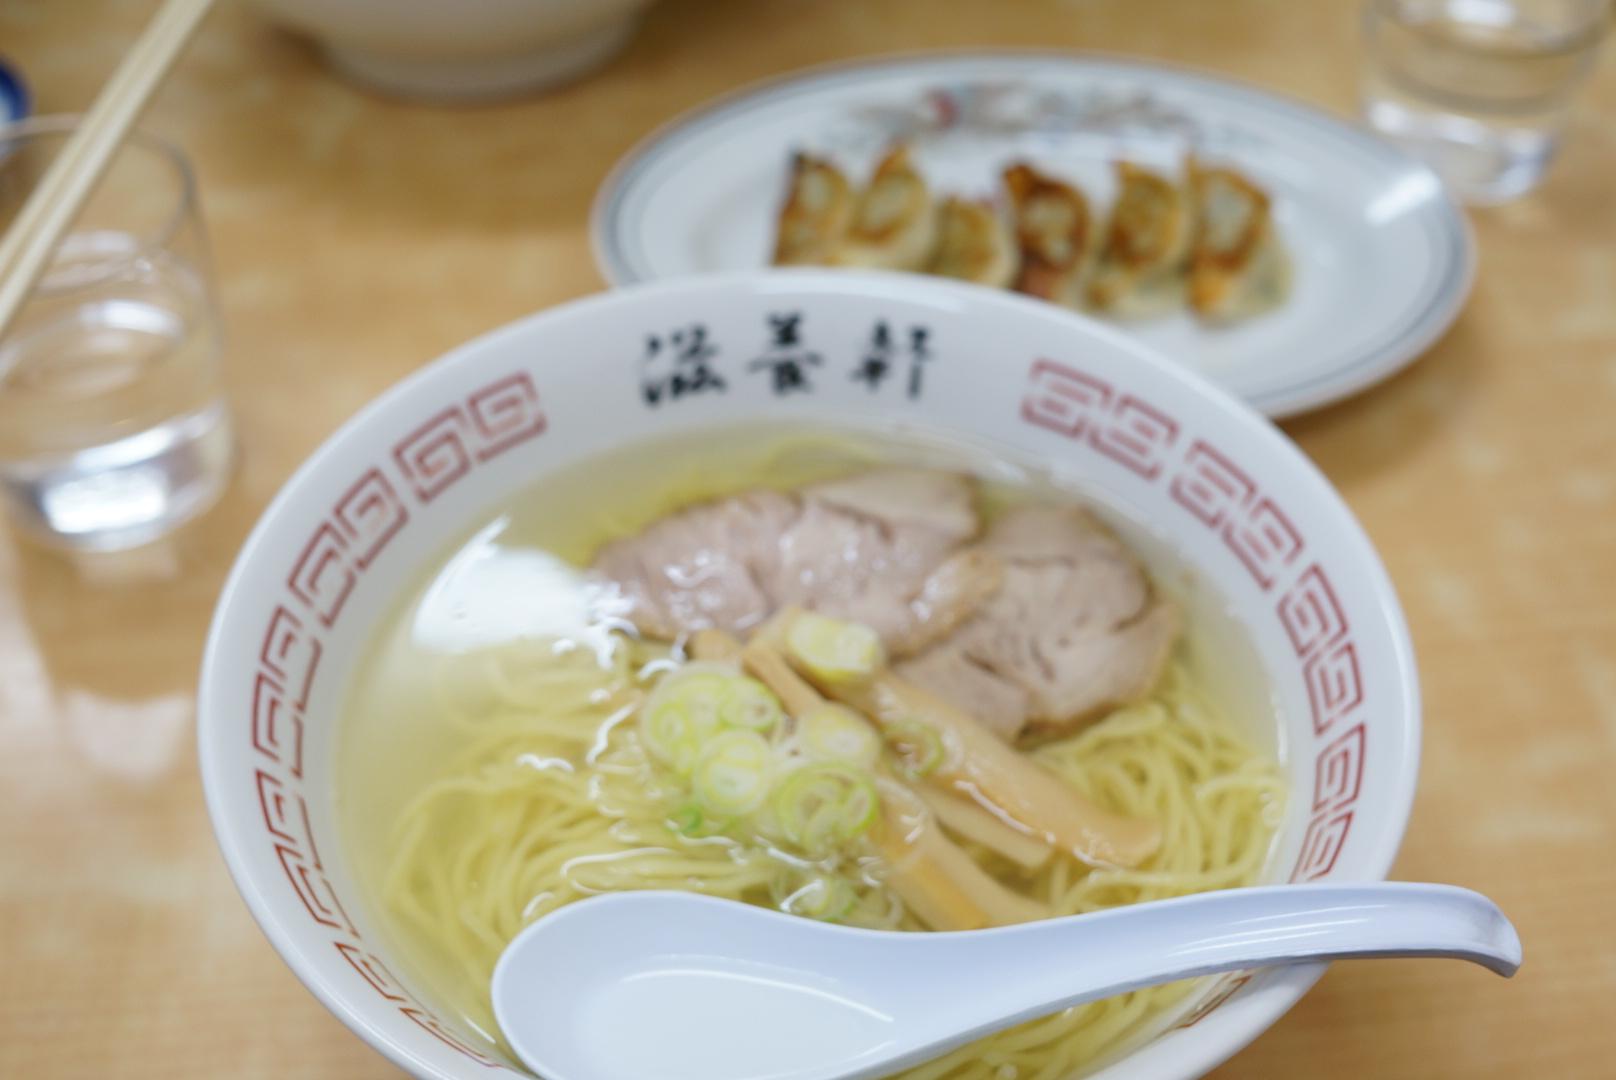 滋養軒の塩ラーメンは黄金スープが美しい絶品ラーメンです(北海道函館市)